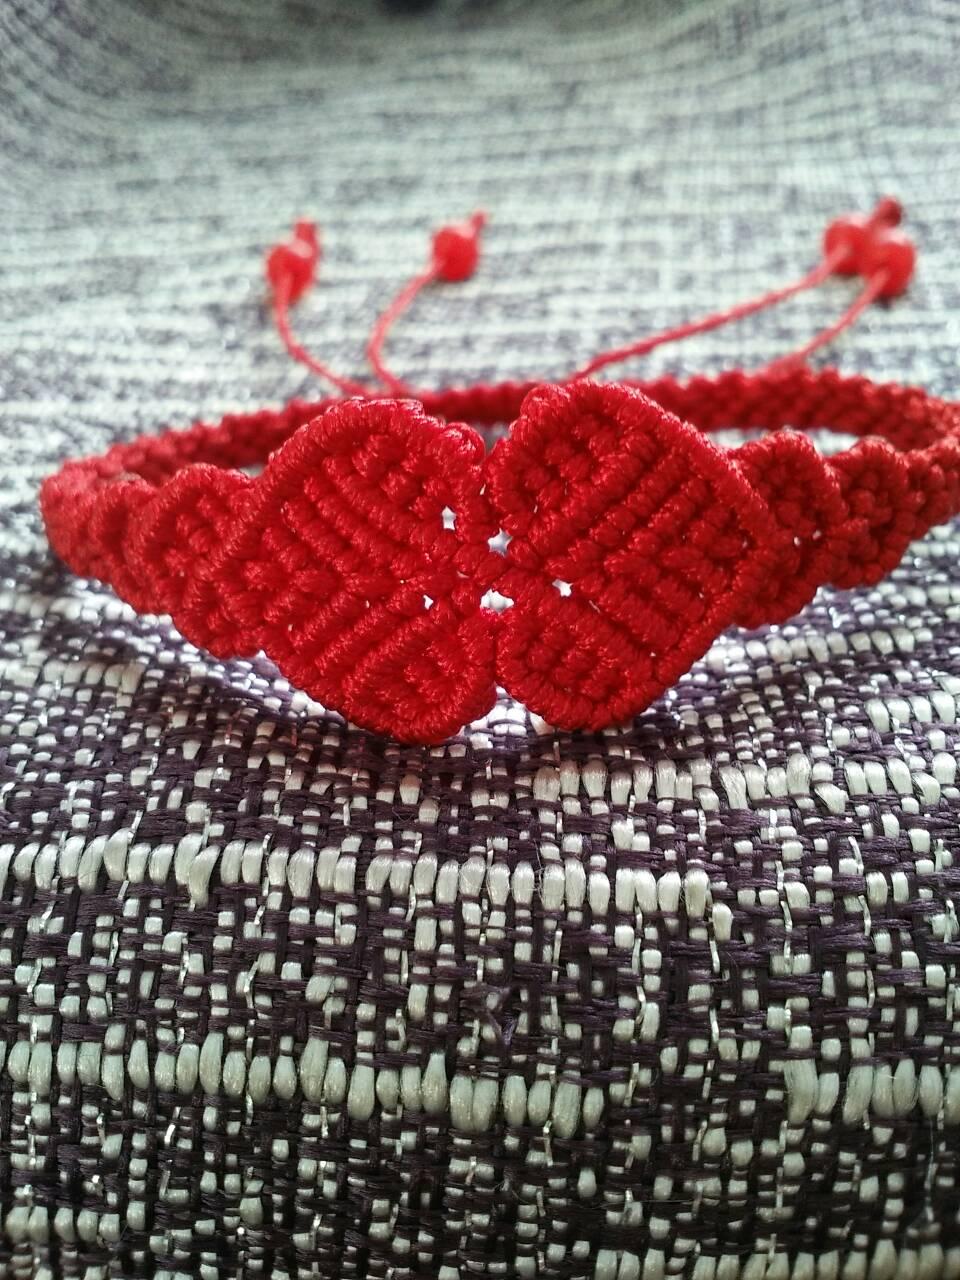 情侣手链编法图解,怎么编漂亮情侣手链编法